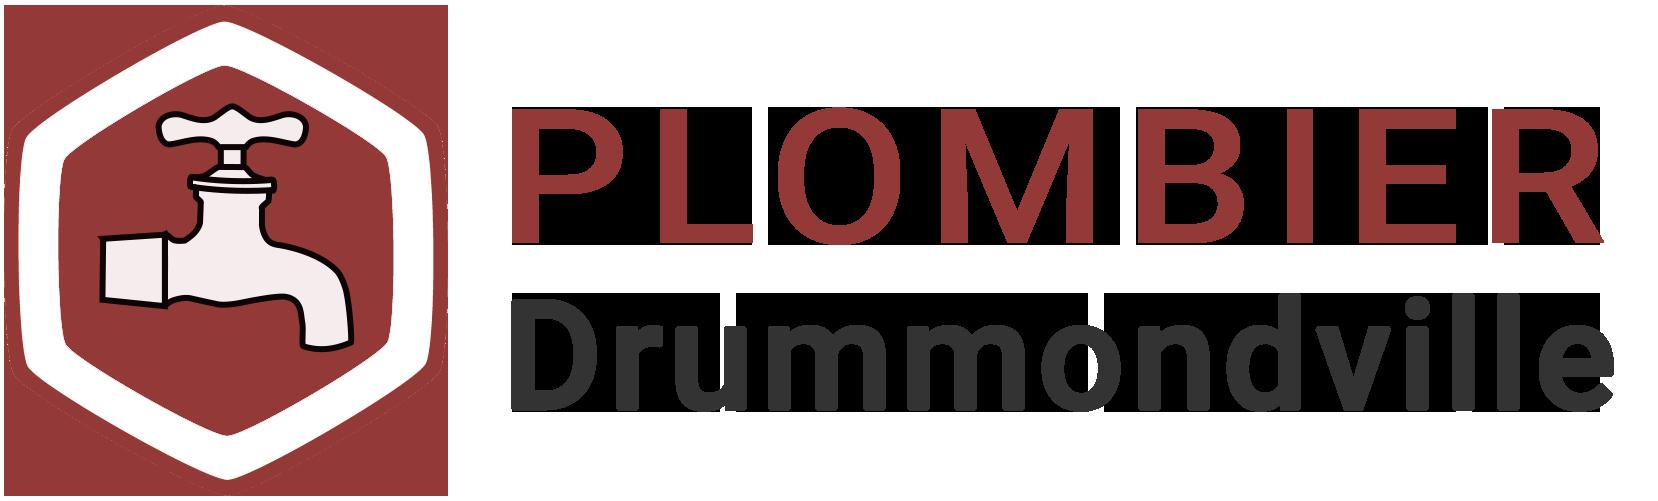 Plombier Drummondville | Plombiers à Drummondville QC